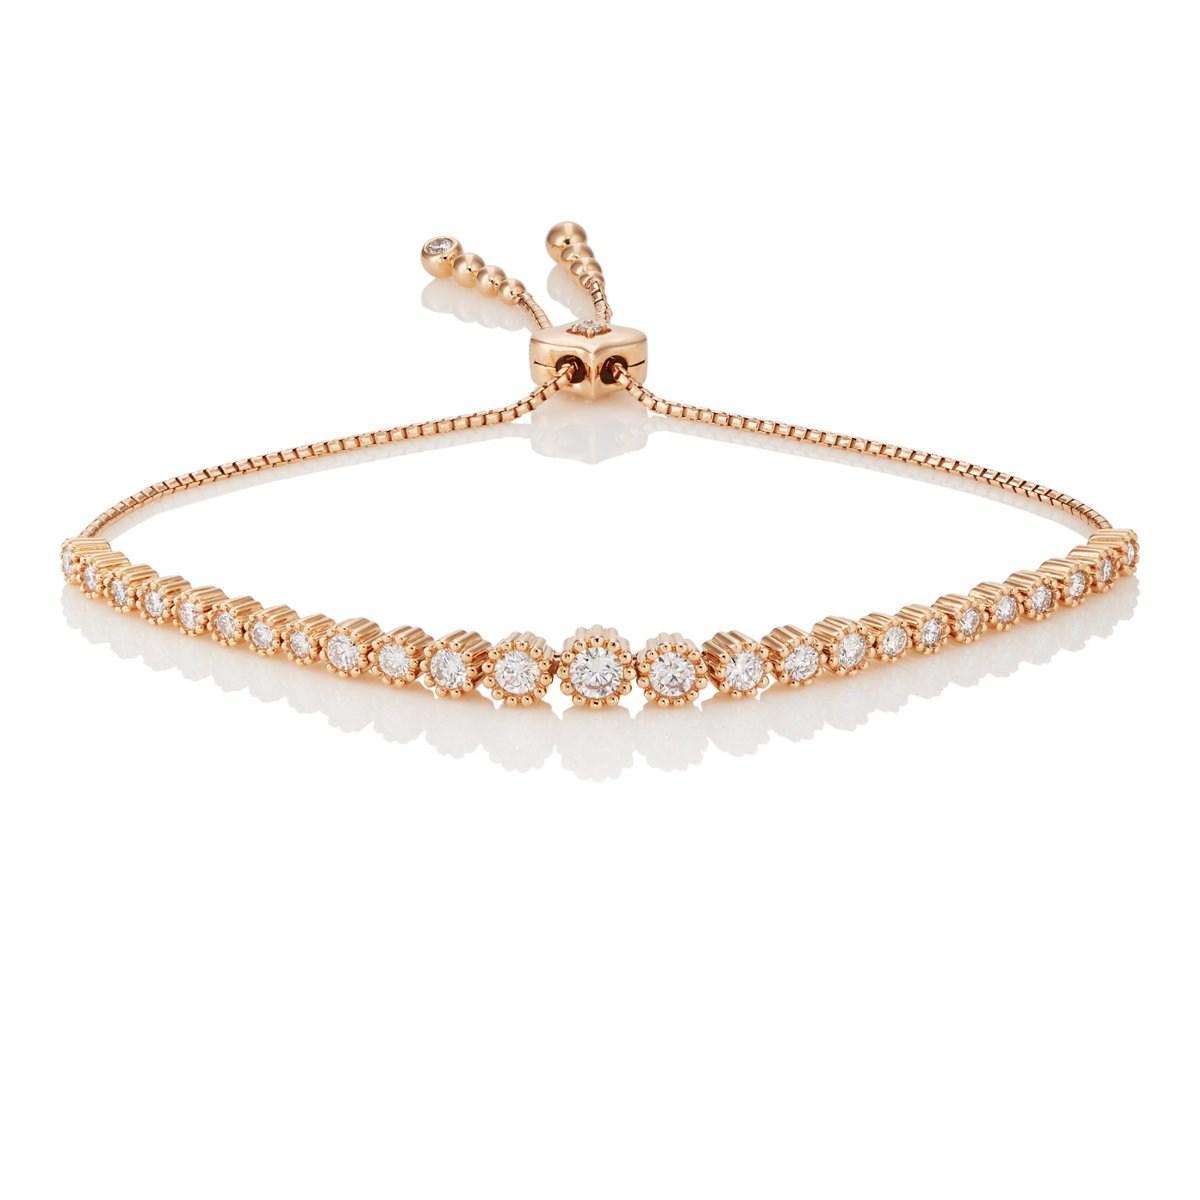 Sara Weinstock Womens Isadora Floret Bolo Bracelet wcW3QOUKbQ